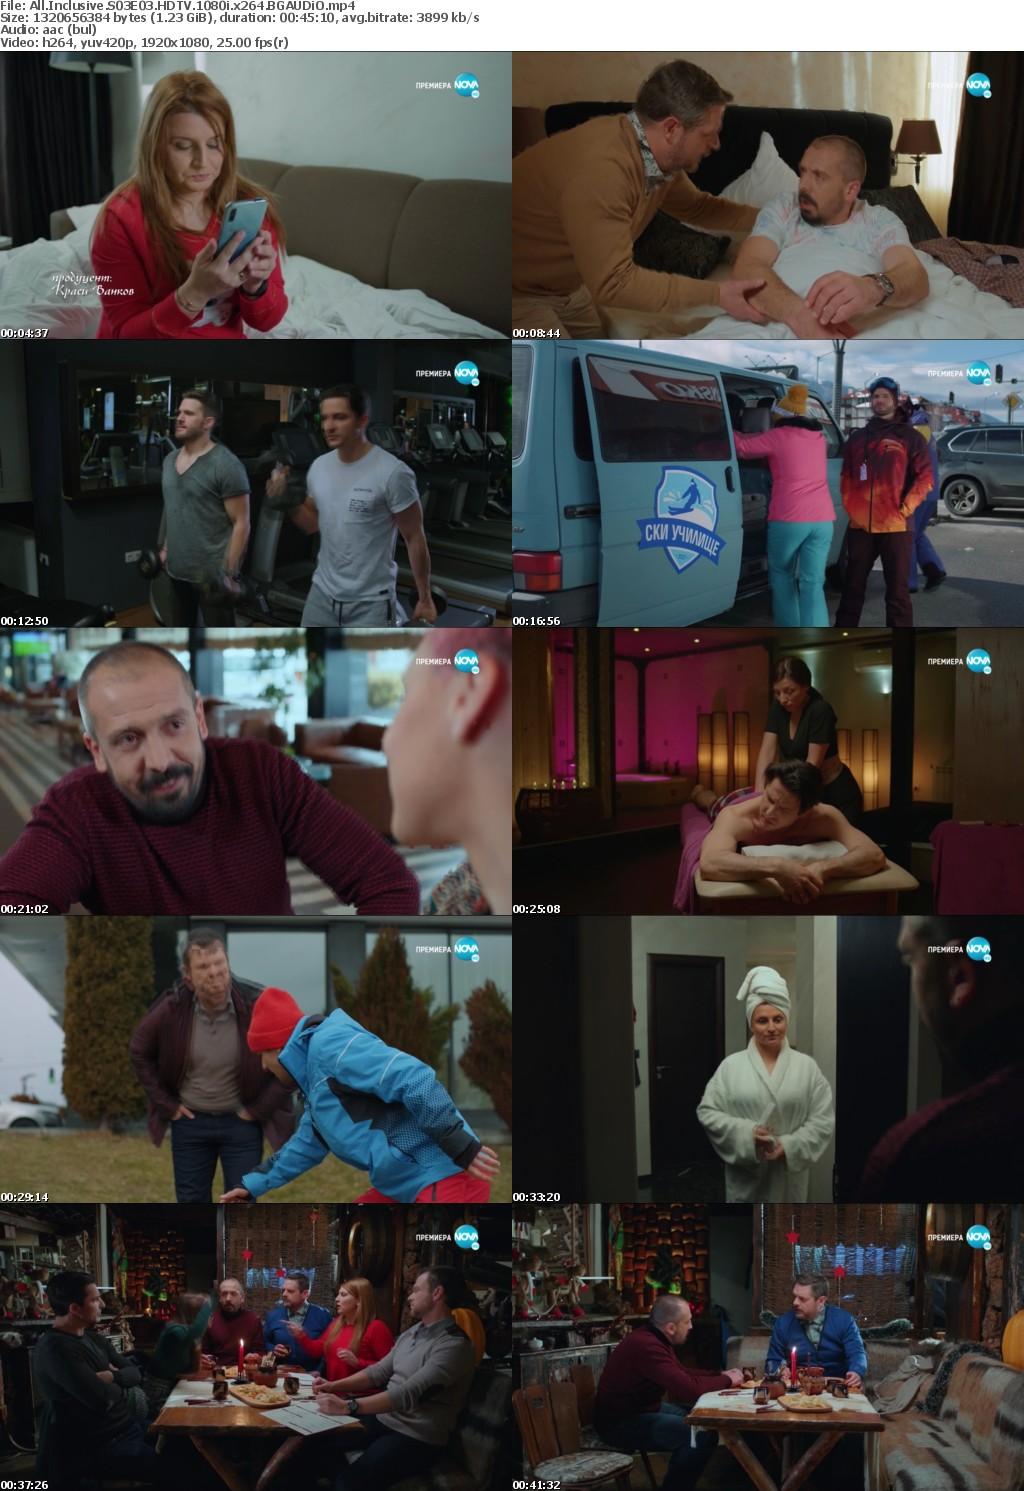 All Inclusive S03E03 HDTV 1080i x264 BGAUDiO